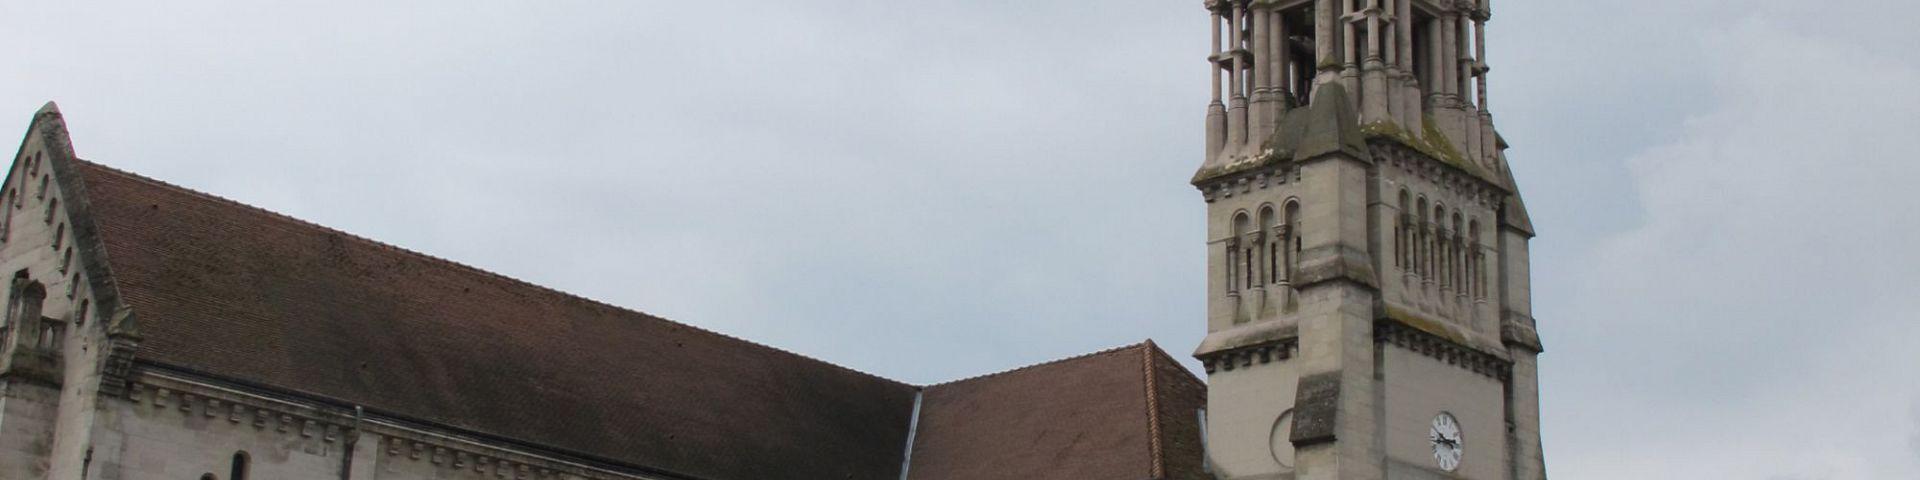 Besançon Eglise des Chaprais (25)